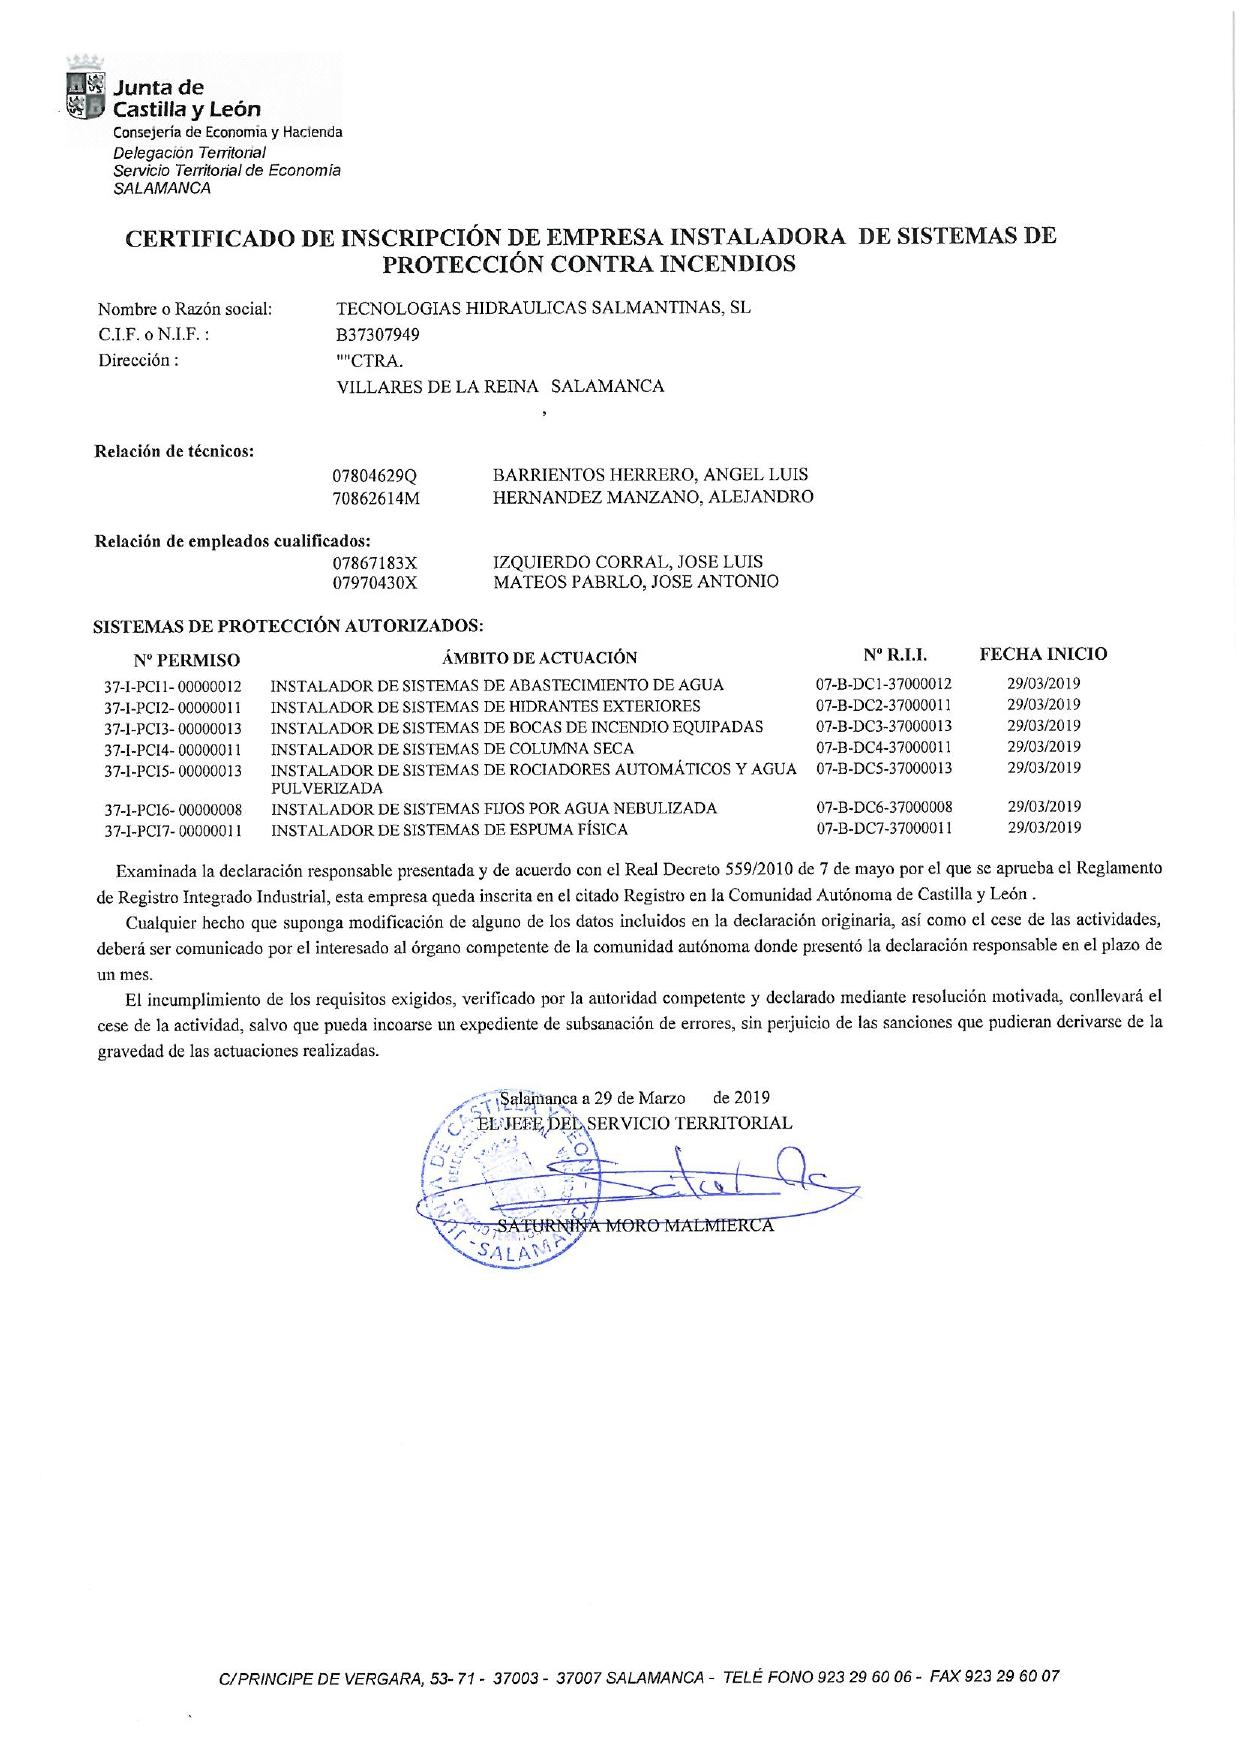 Certificado contraincendios